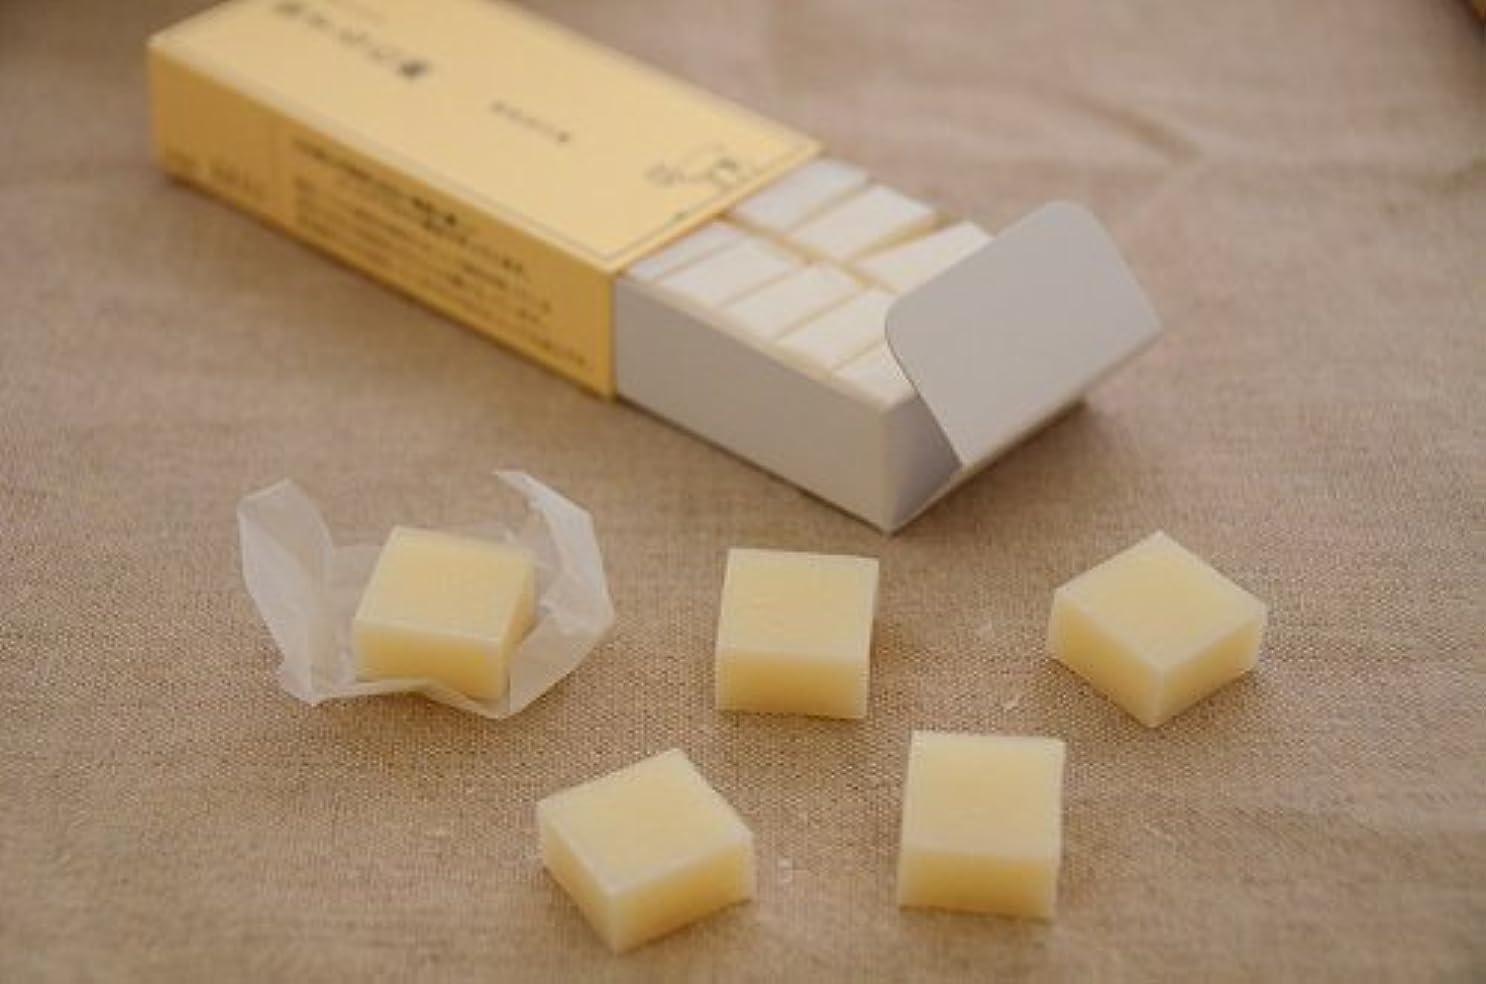 ソフィースナッチアライメント無添加「旅する石鹸 やぎ山羊ミルク」48g(16粒)